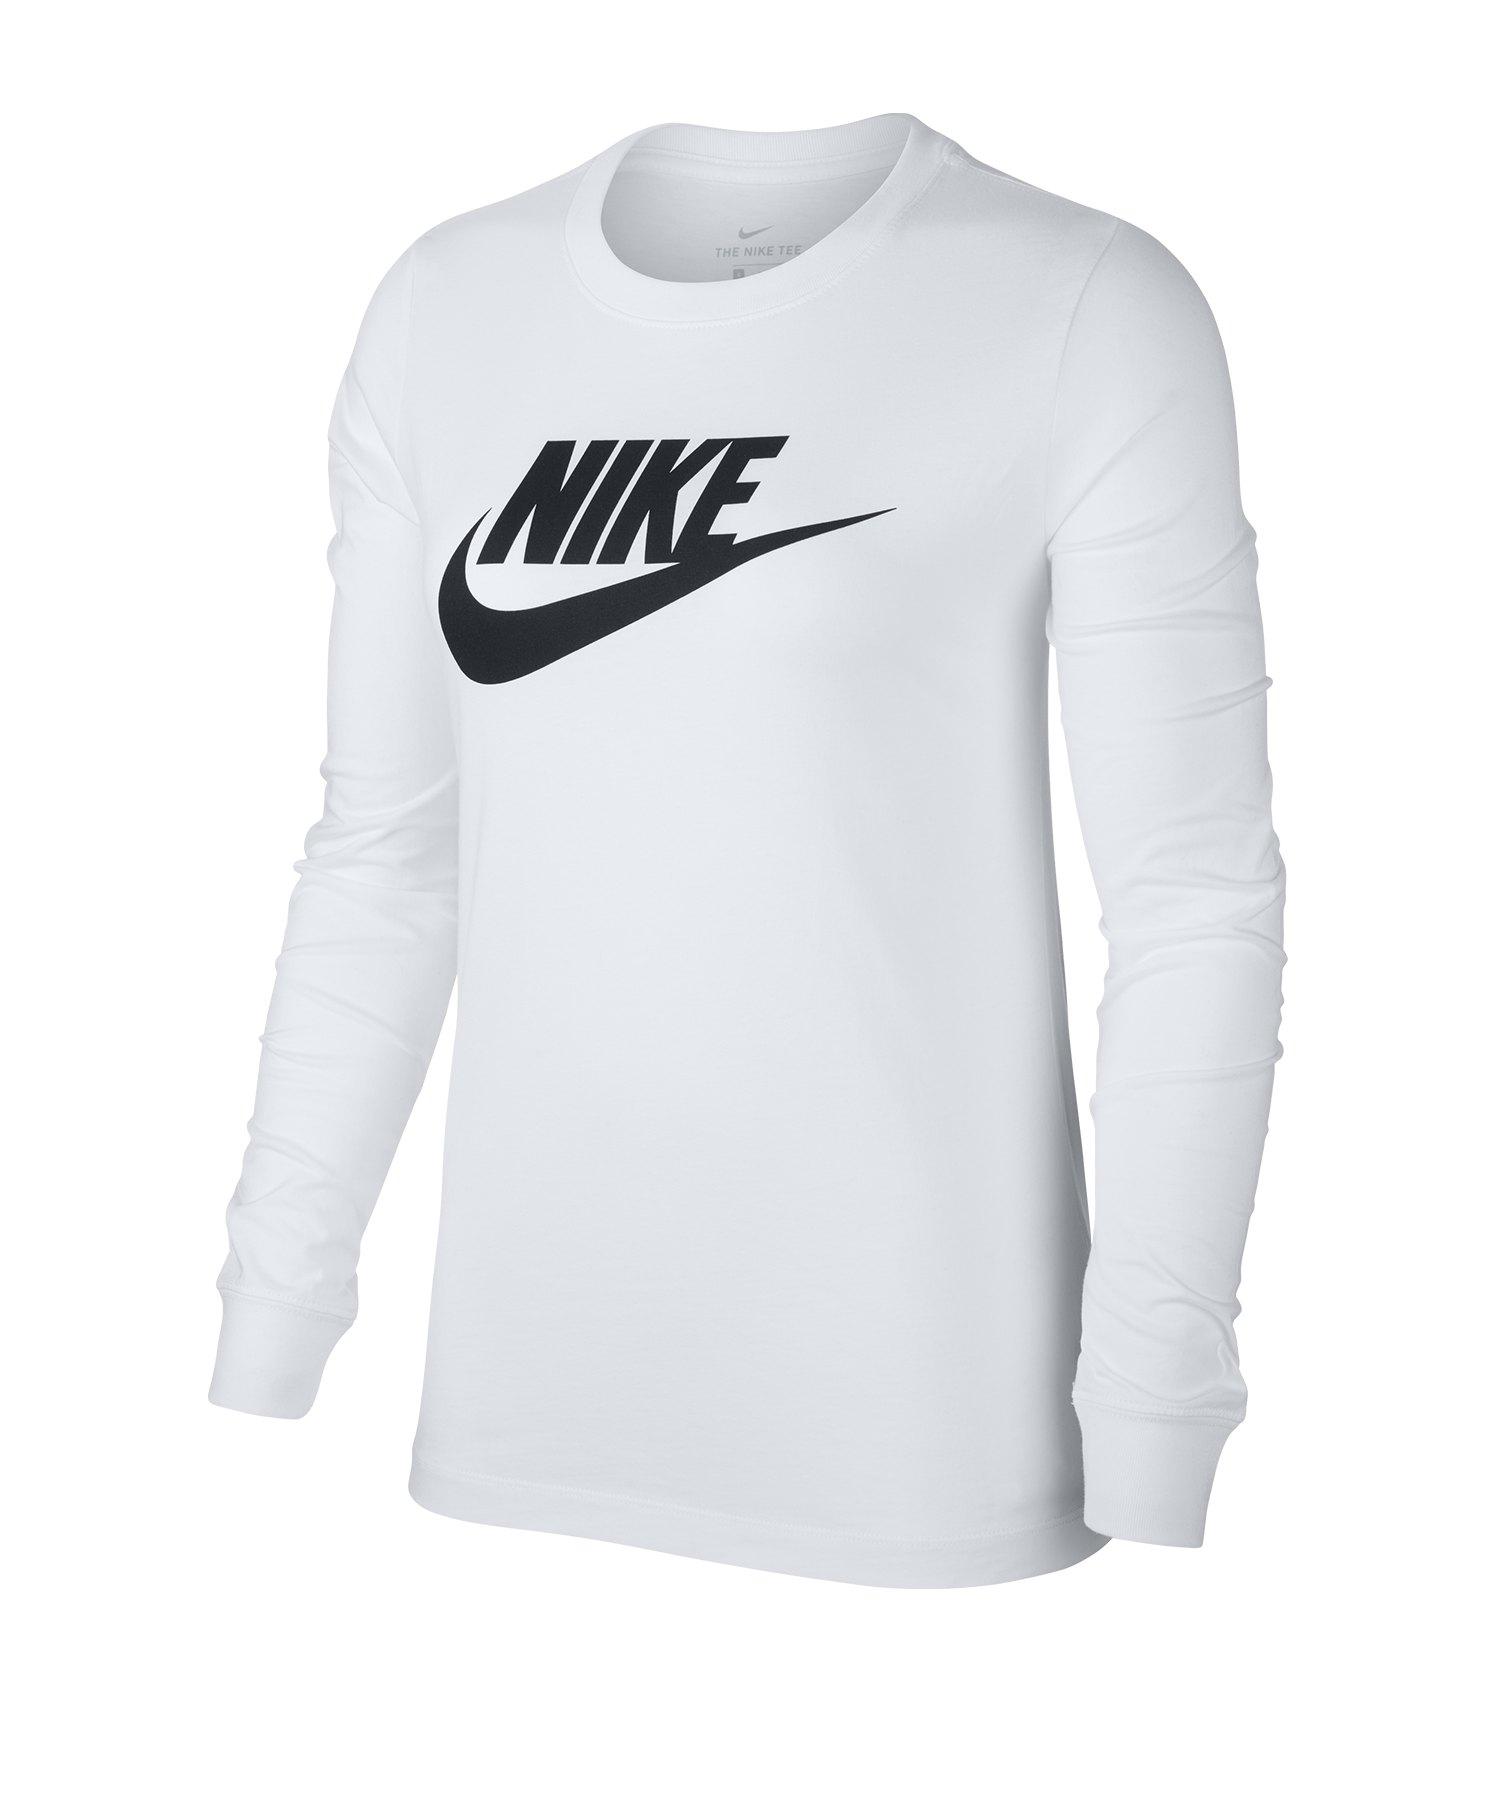 Nike Essential Shirt langarm Damen Weiss F100 - weiss